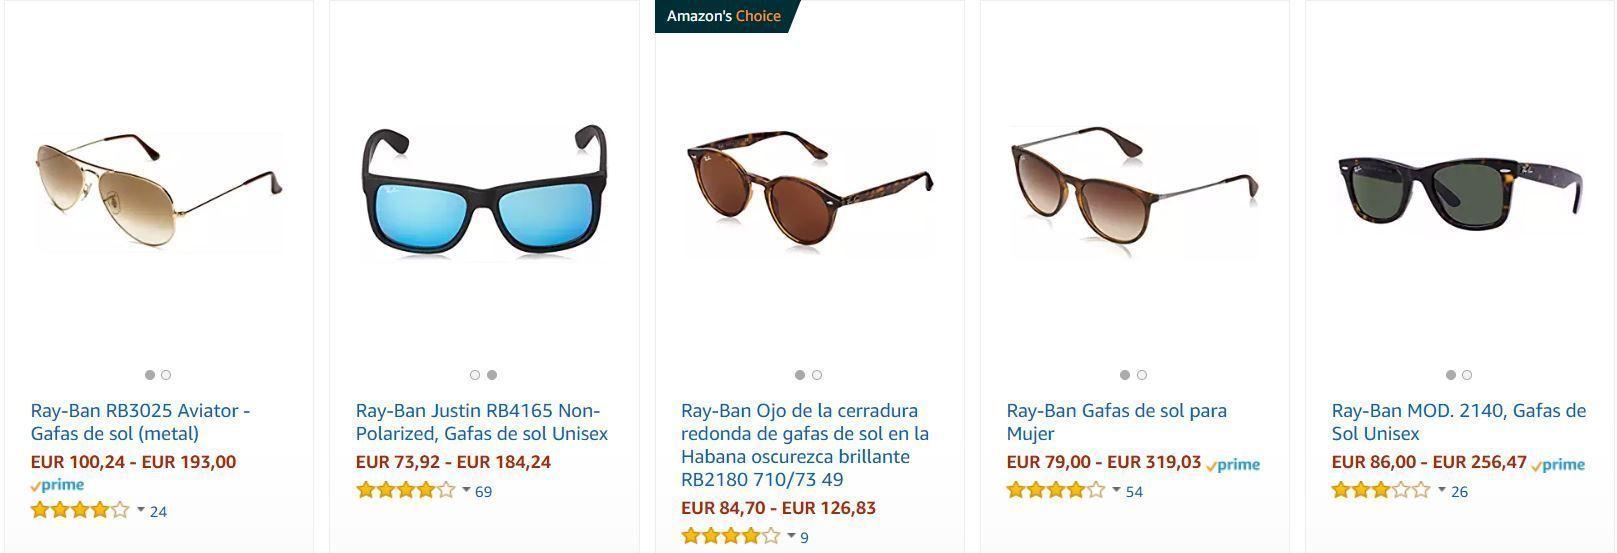 RayBan Amazon